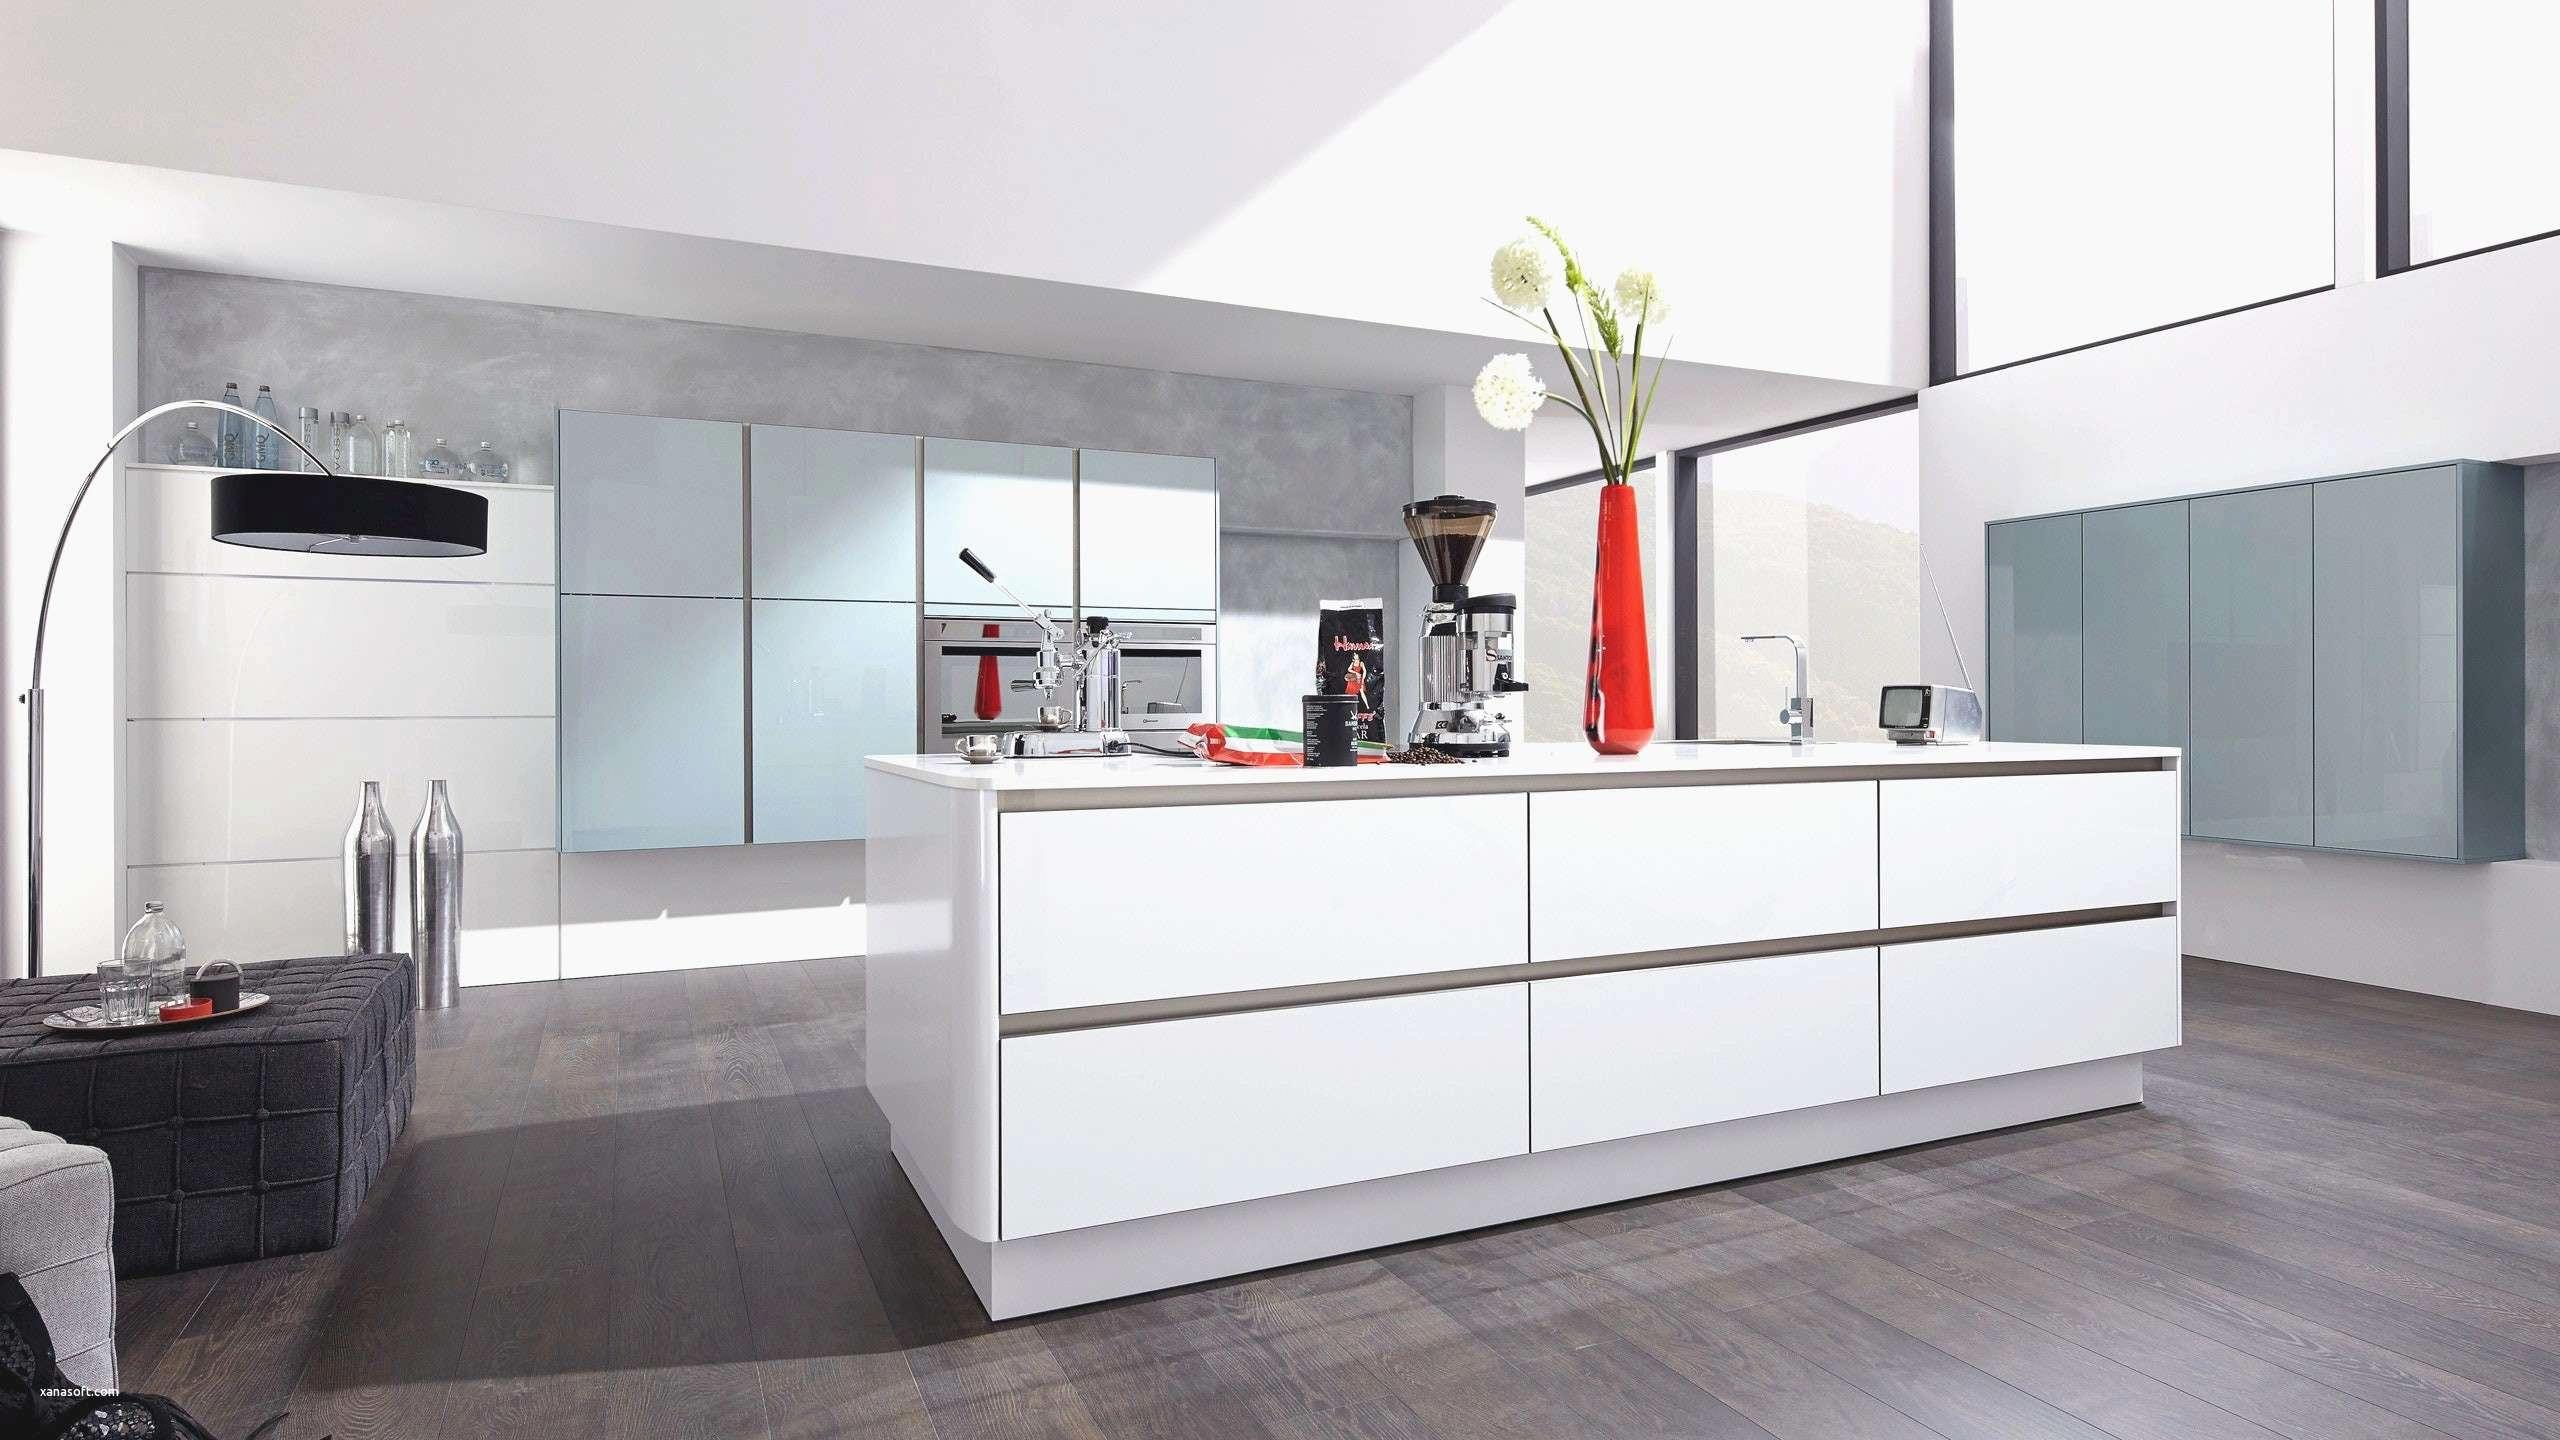 Full Size of Küche Gebraucht Kaufen Sitzecke Kche Modern Einzigartig 25 Advanced Kchen Komplettküche Ikea Miniküche Apothekerschrank Nobilia Armaturen Gebrauchte Wohnzimmer Küche Gebraucht Kaufen